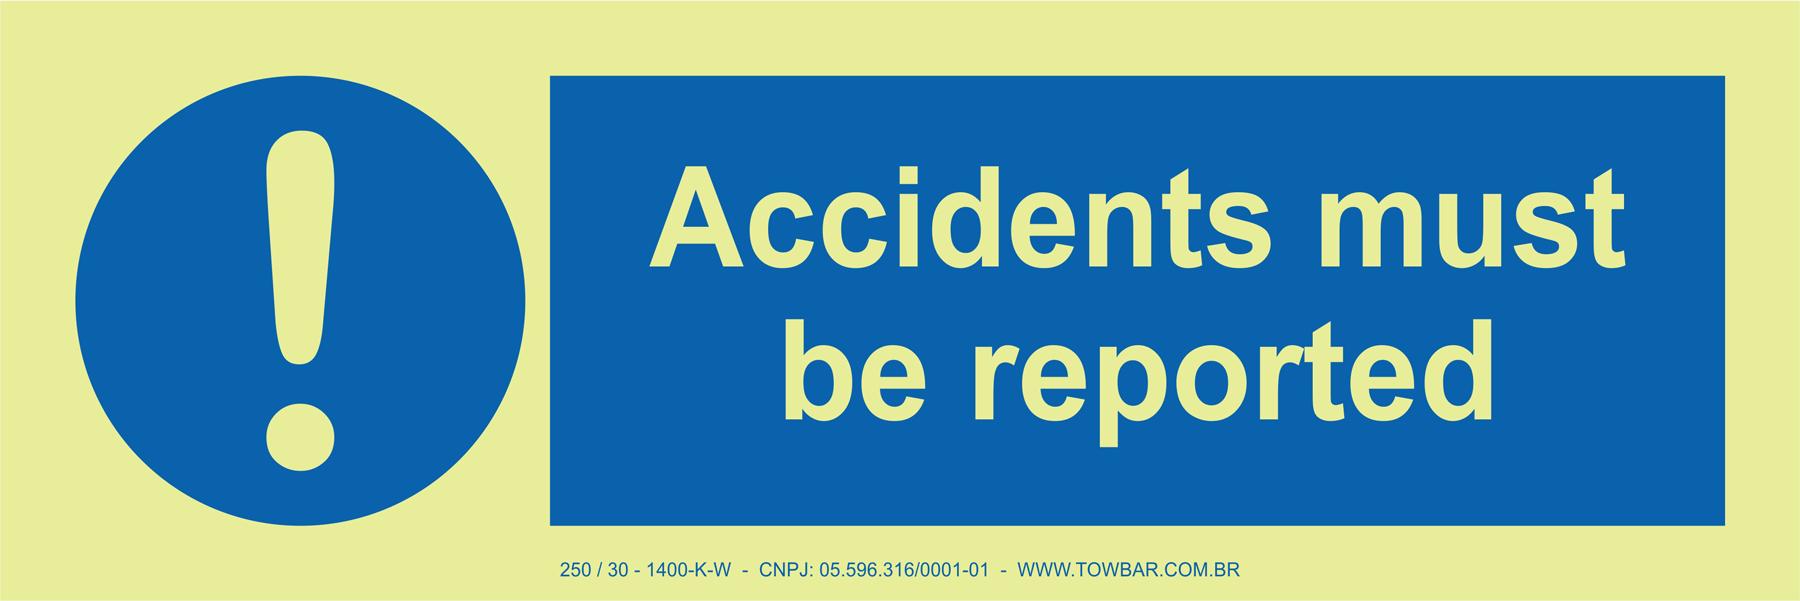 Accidents Must be Reported  - Towbar Sinalização de Segurança